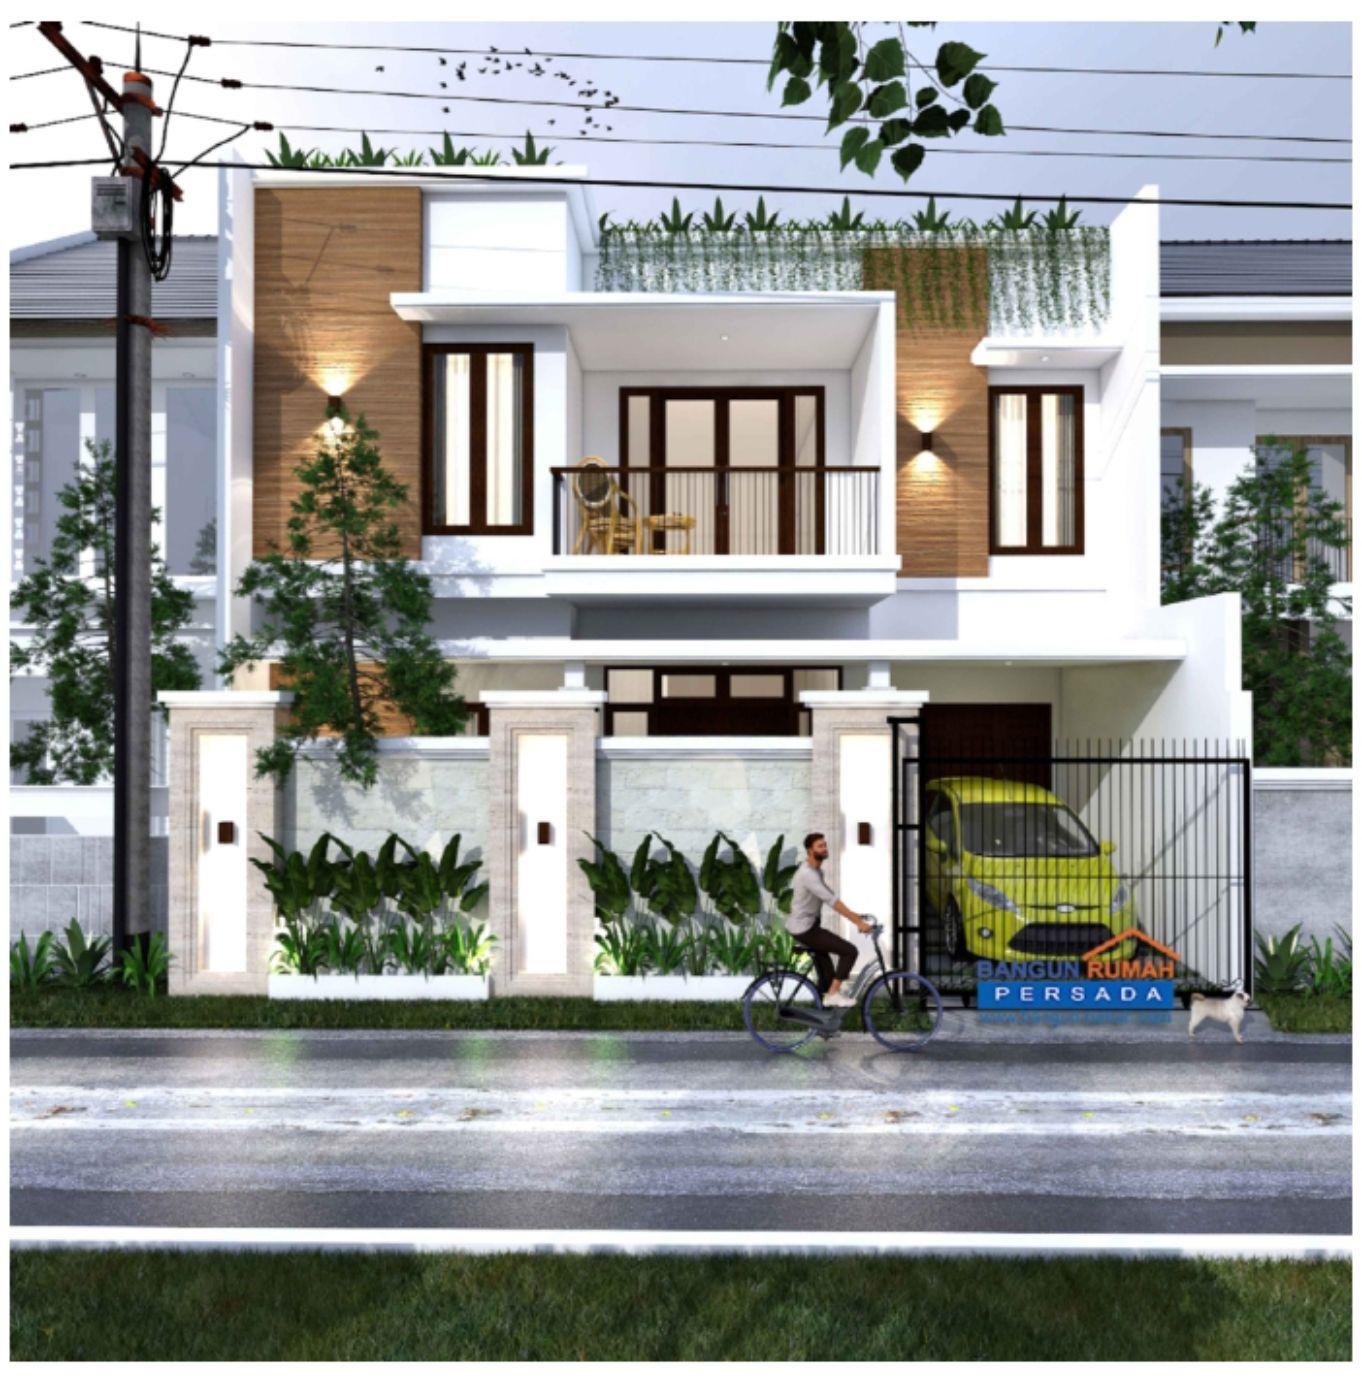 Desain Rumah 2 Lantai Ber Atap Rooftop Dilahan 10 X 12 M2